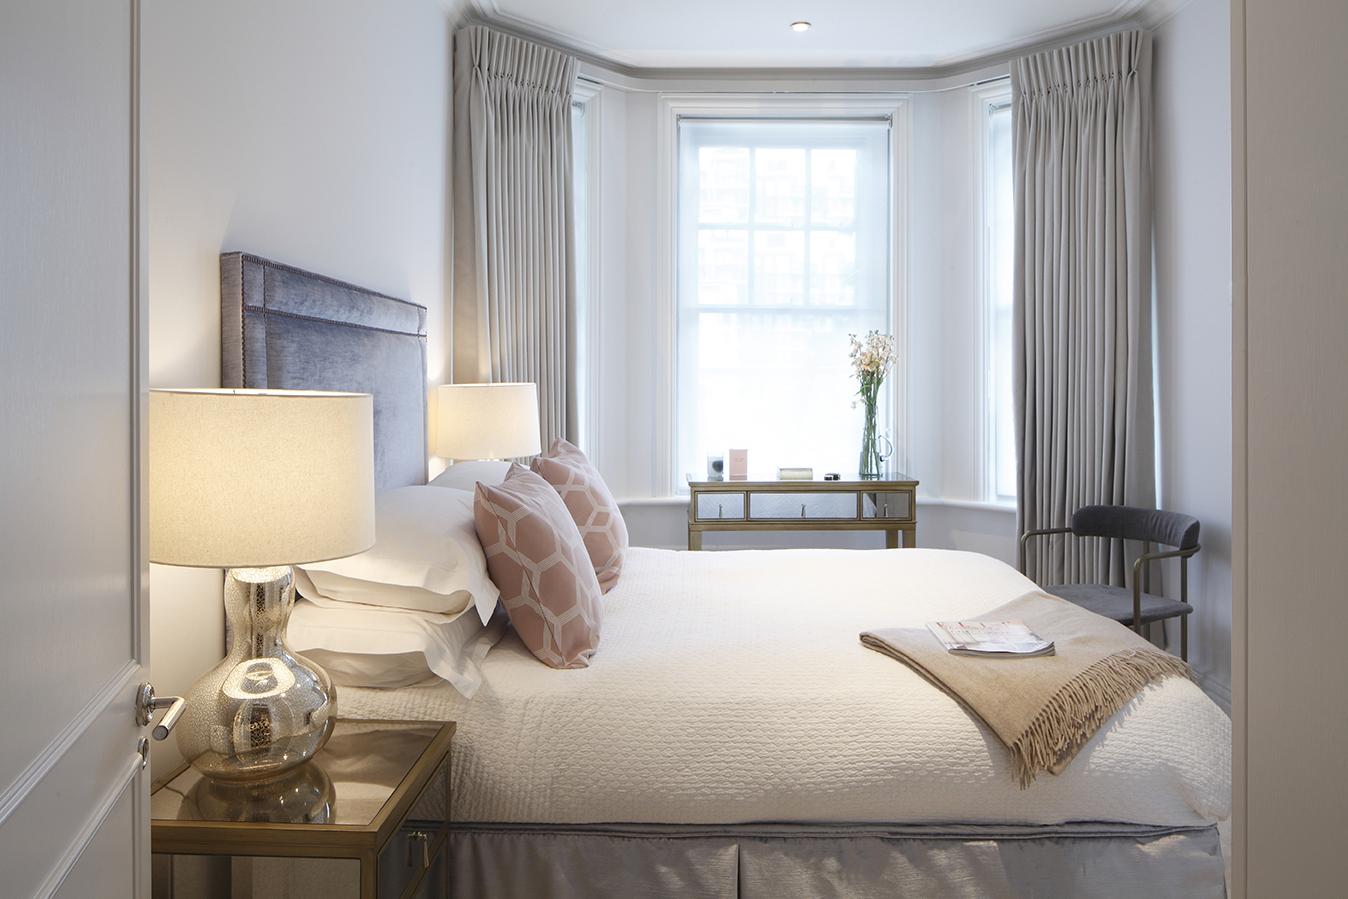 NW1 - Guest bedroom - wide shot of room.jpg